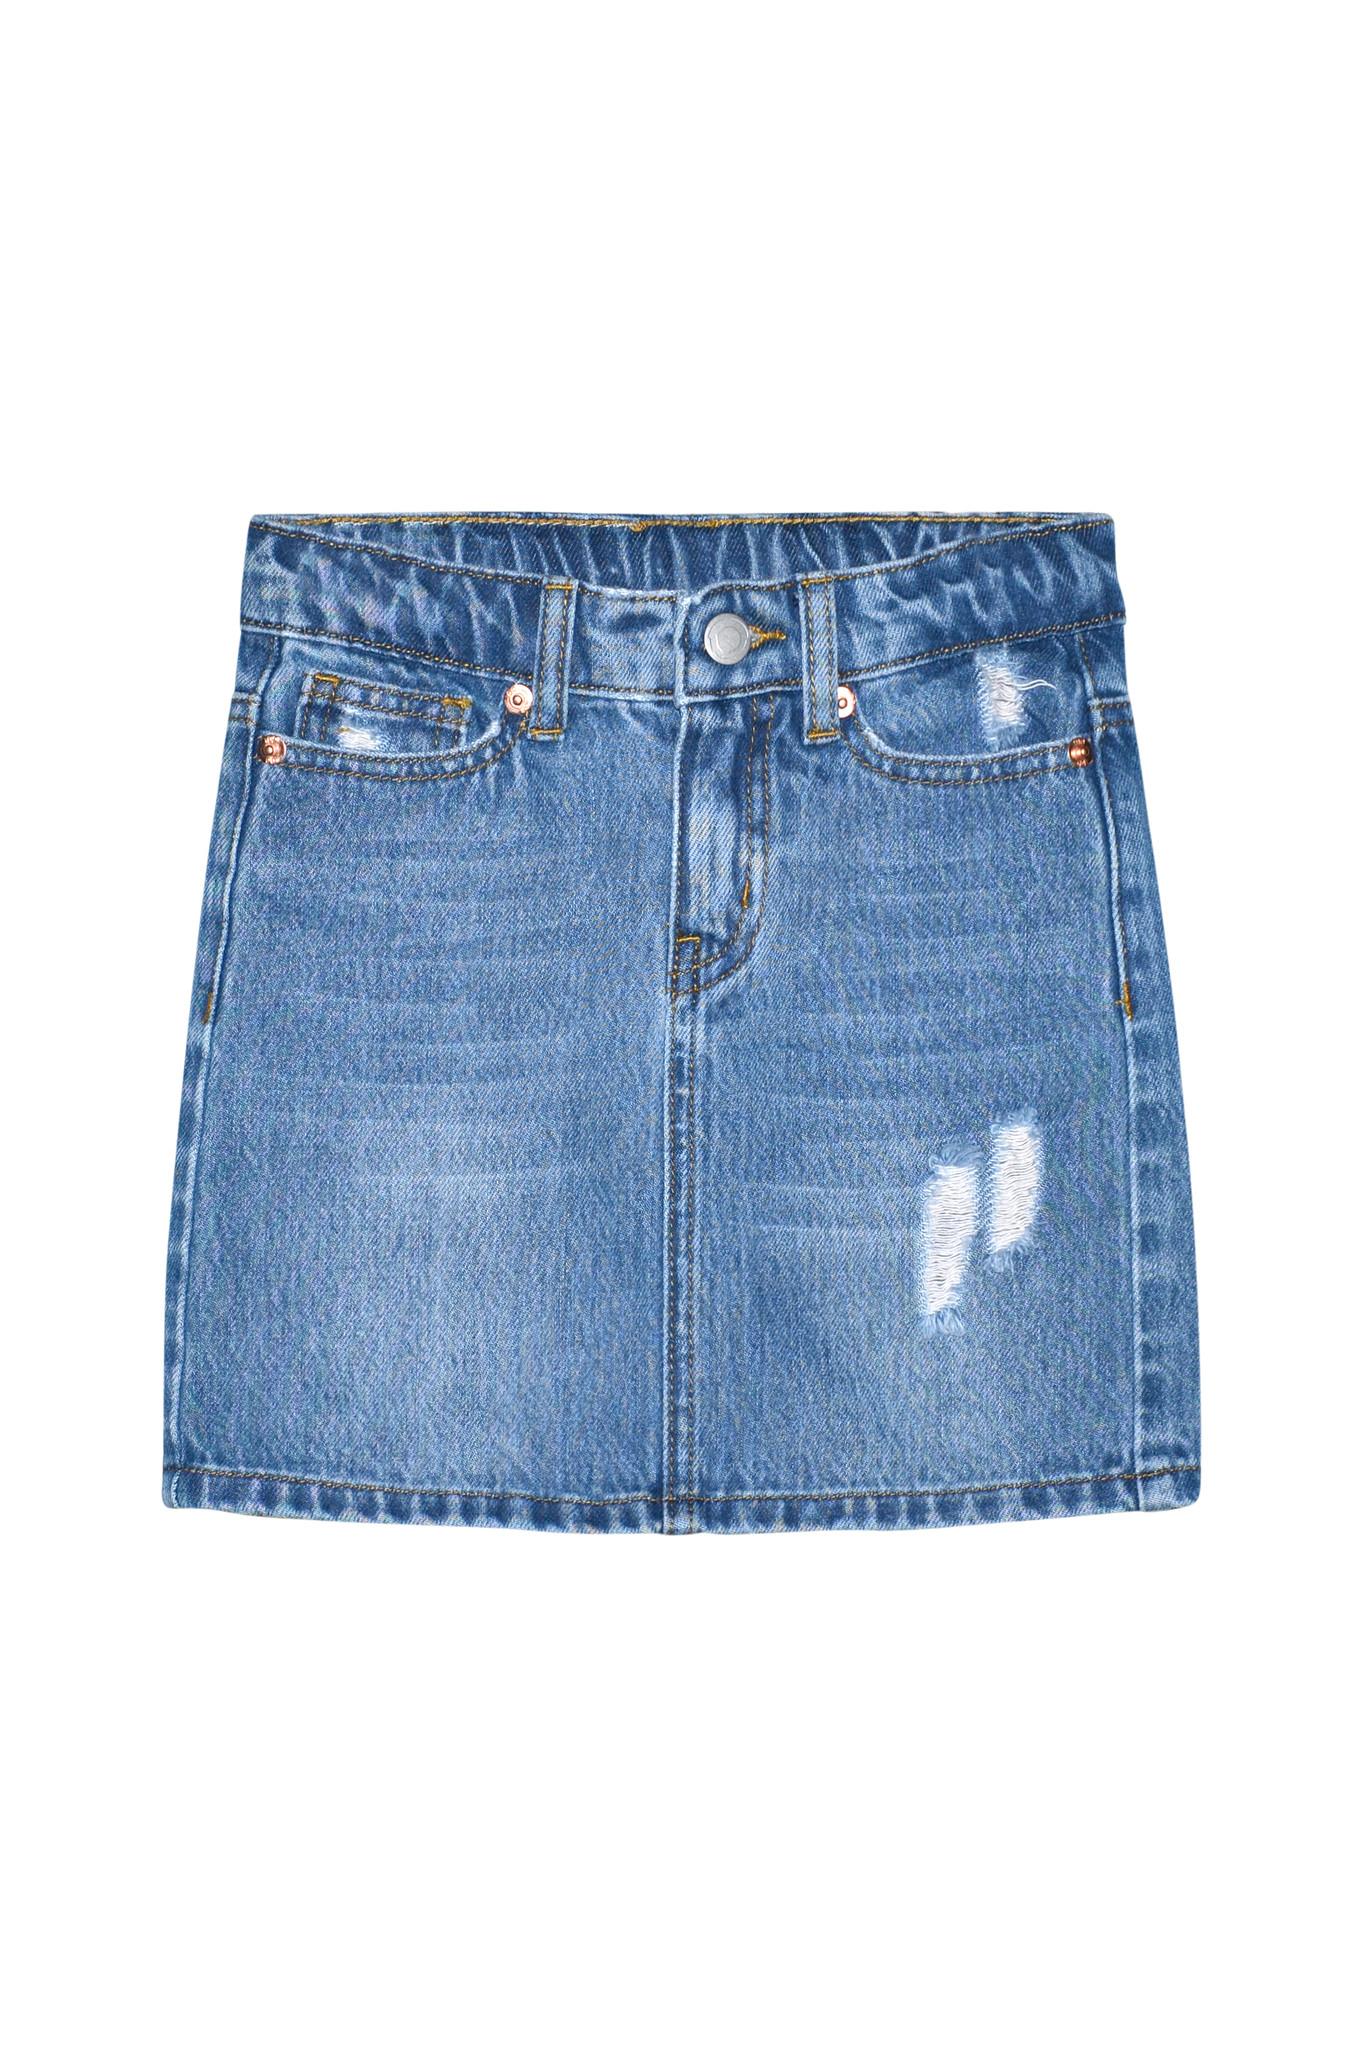 Livy denim skirt-1